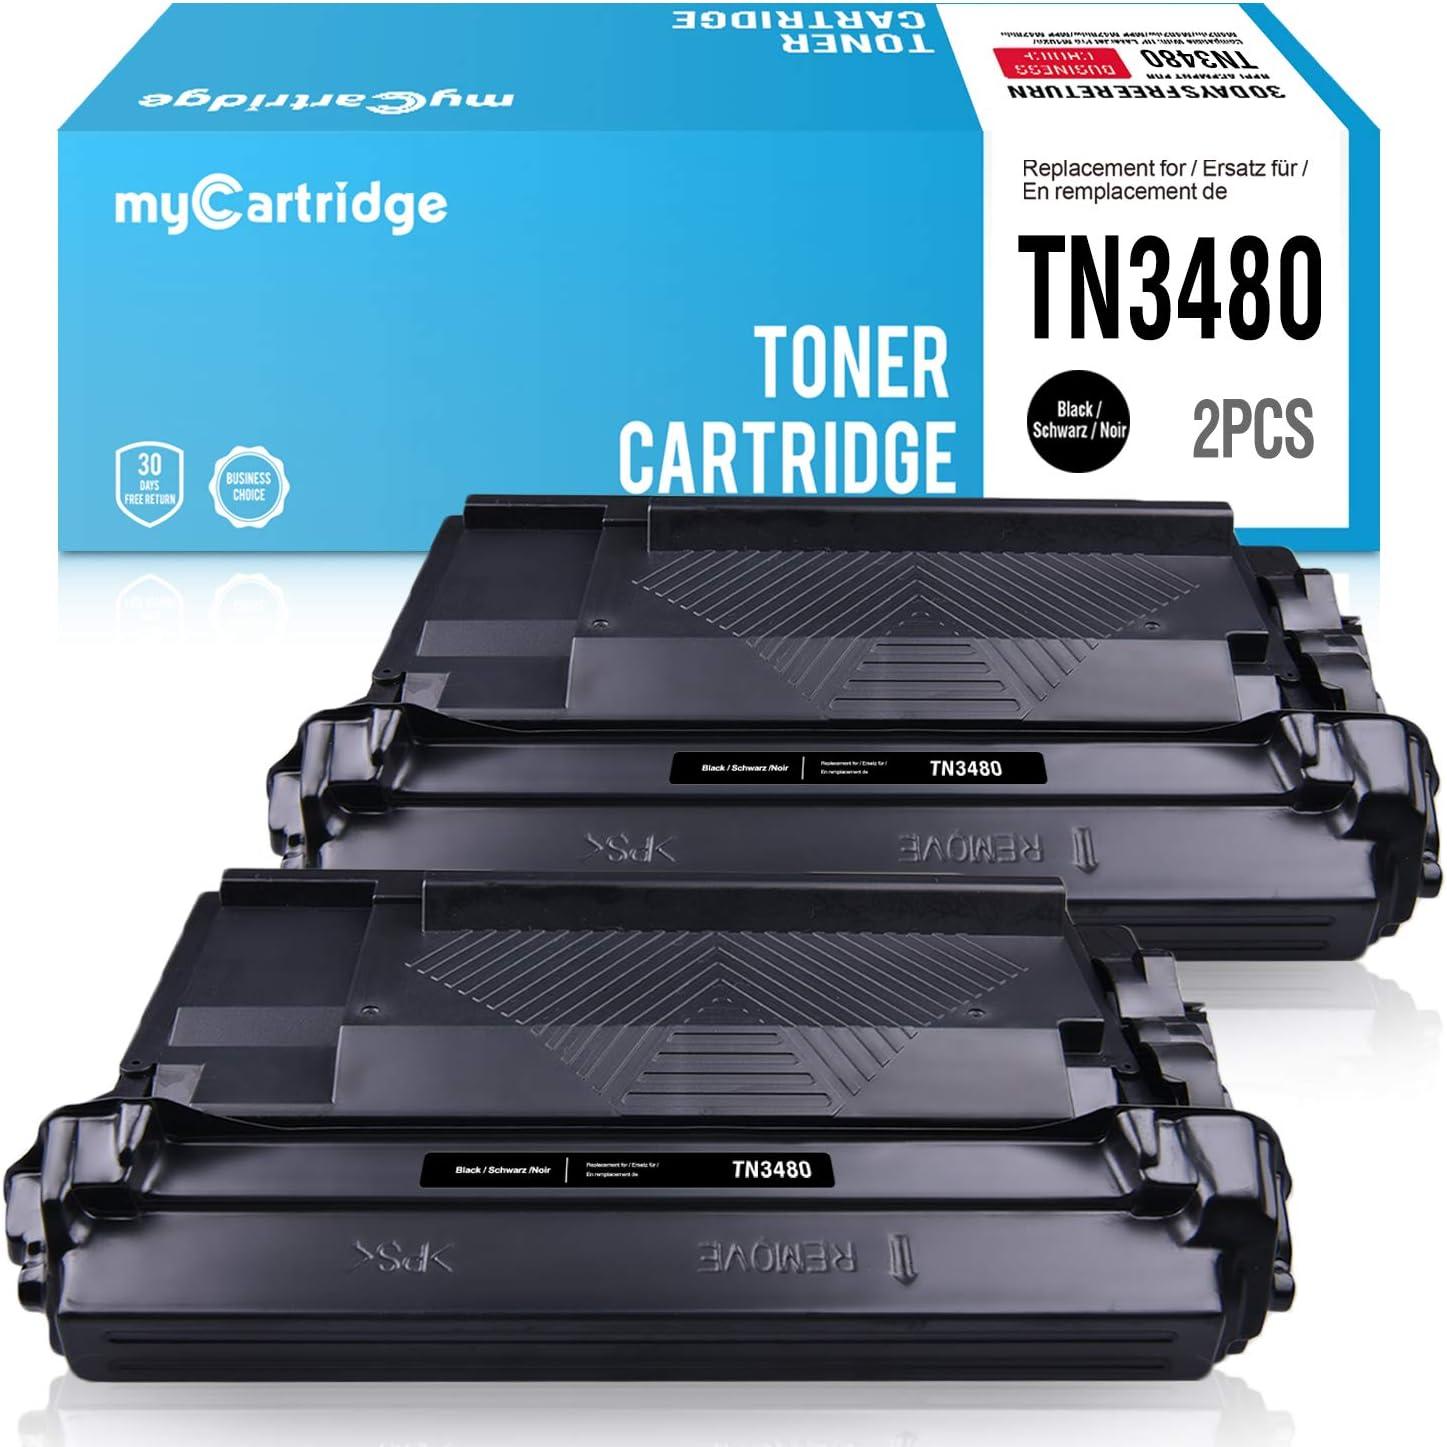 LEMERO Cartuccia di toner Compatibile per TN-3480 TN3480 per Brother HL-L5000D HL-L5100DN HL-L5200DW HL-L5200DWT HL-L6200DW HL-L6200DWT HL-L6250DW HL-L6300DW HL-L6400DW DCP-L5500DN MFC-L6800DW